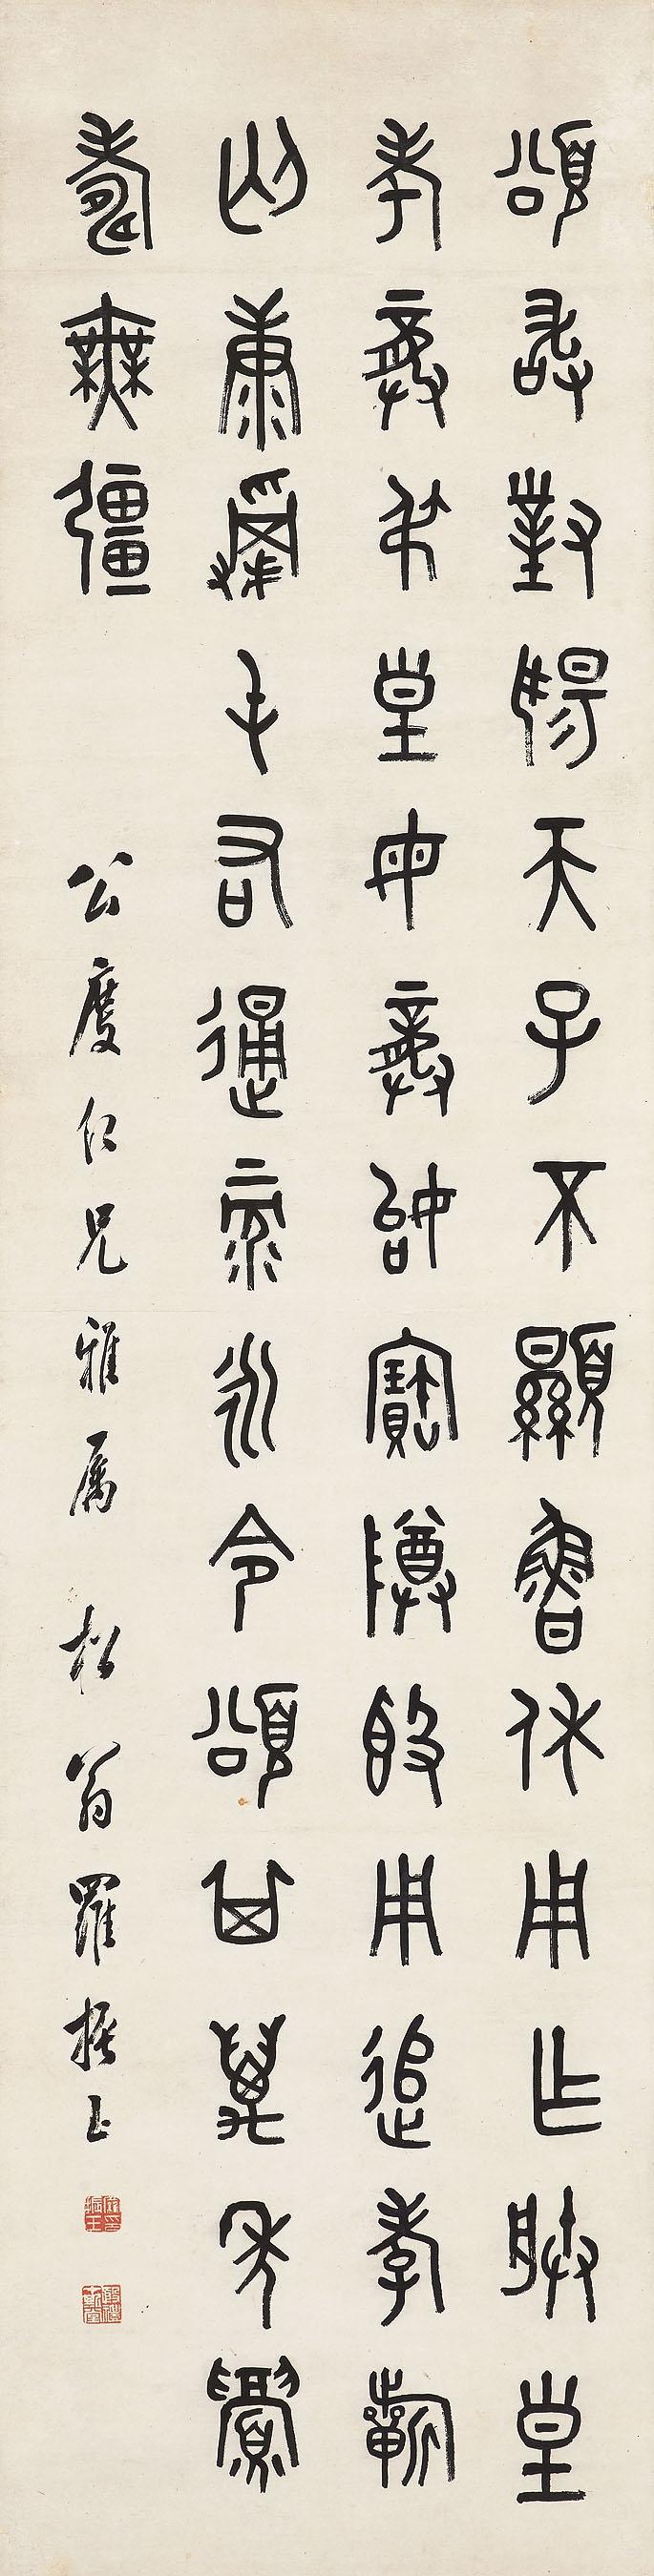 Calligraphy in Jin Script